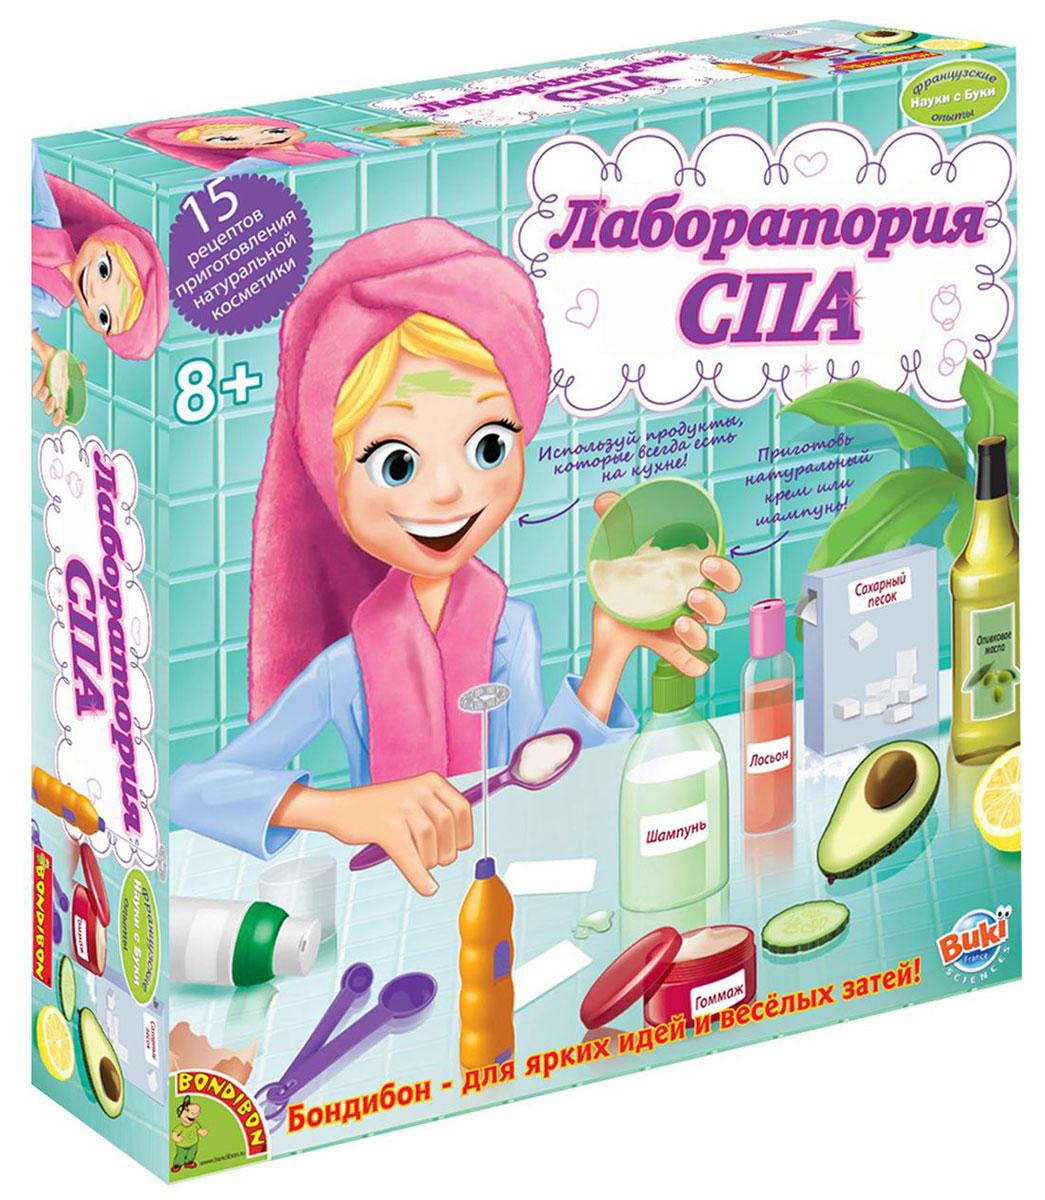 """15 рецептов приготовления натуральной косметики – это просто клад для юной барышни, которая учится ухаживать за своим телом, волосами и лицом! Как приготовить шампунь из яиц, как сделать подарочные варианты красивого и вкусного мыла, как приготовить из продуктов, которые есть на кухне, отличный крем, как создать самостоятельно шипучие бомбочки для ванн, средство для снятия макияжа или гель для душа и многое – многое другое – всему этому научит """"Лаборатория СПА"""". Ваши милые девочки останутся довольными, чистыми и вкусно пахнущими…"""